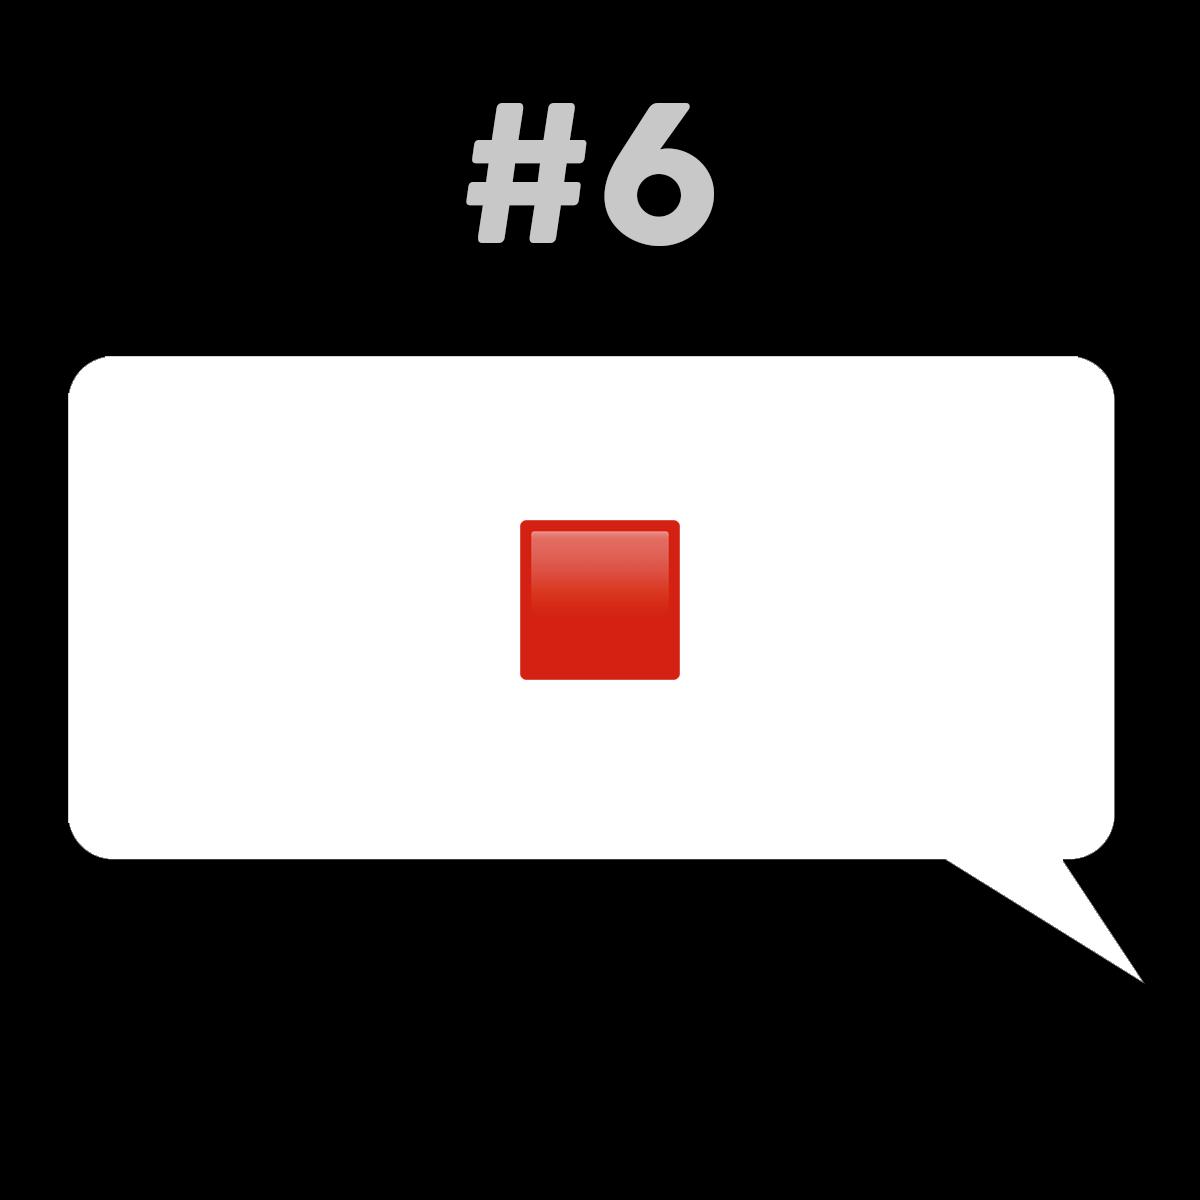 Musik-Acts in Emojis emojibands_06